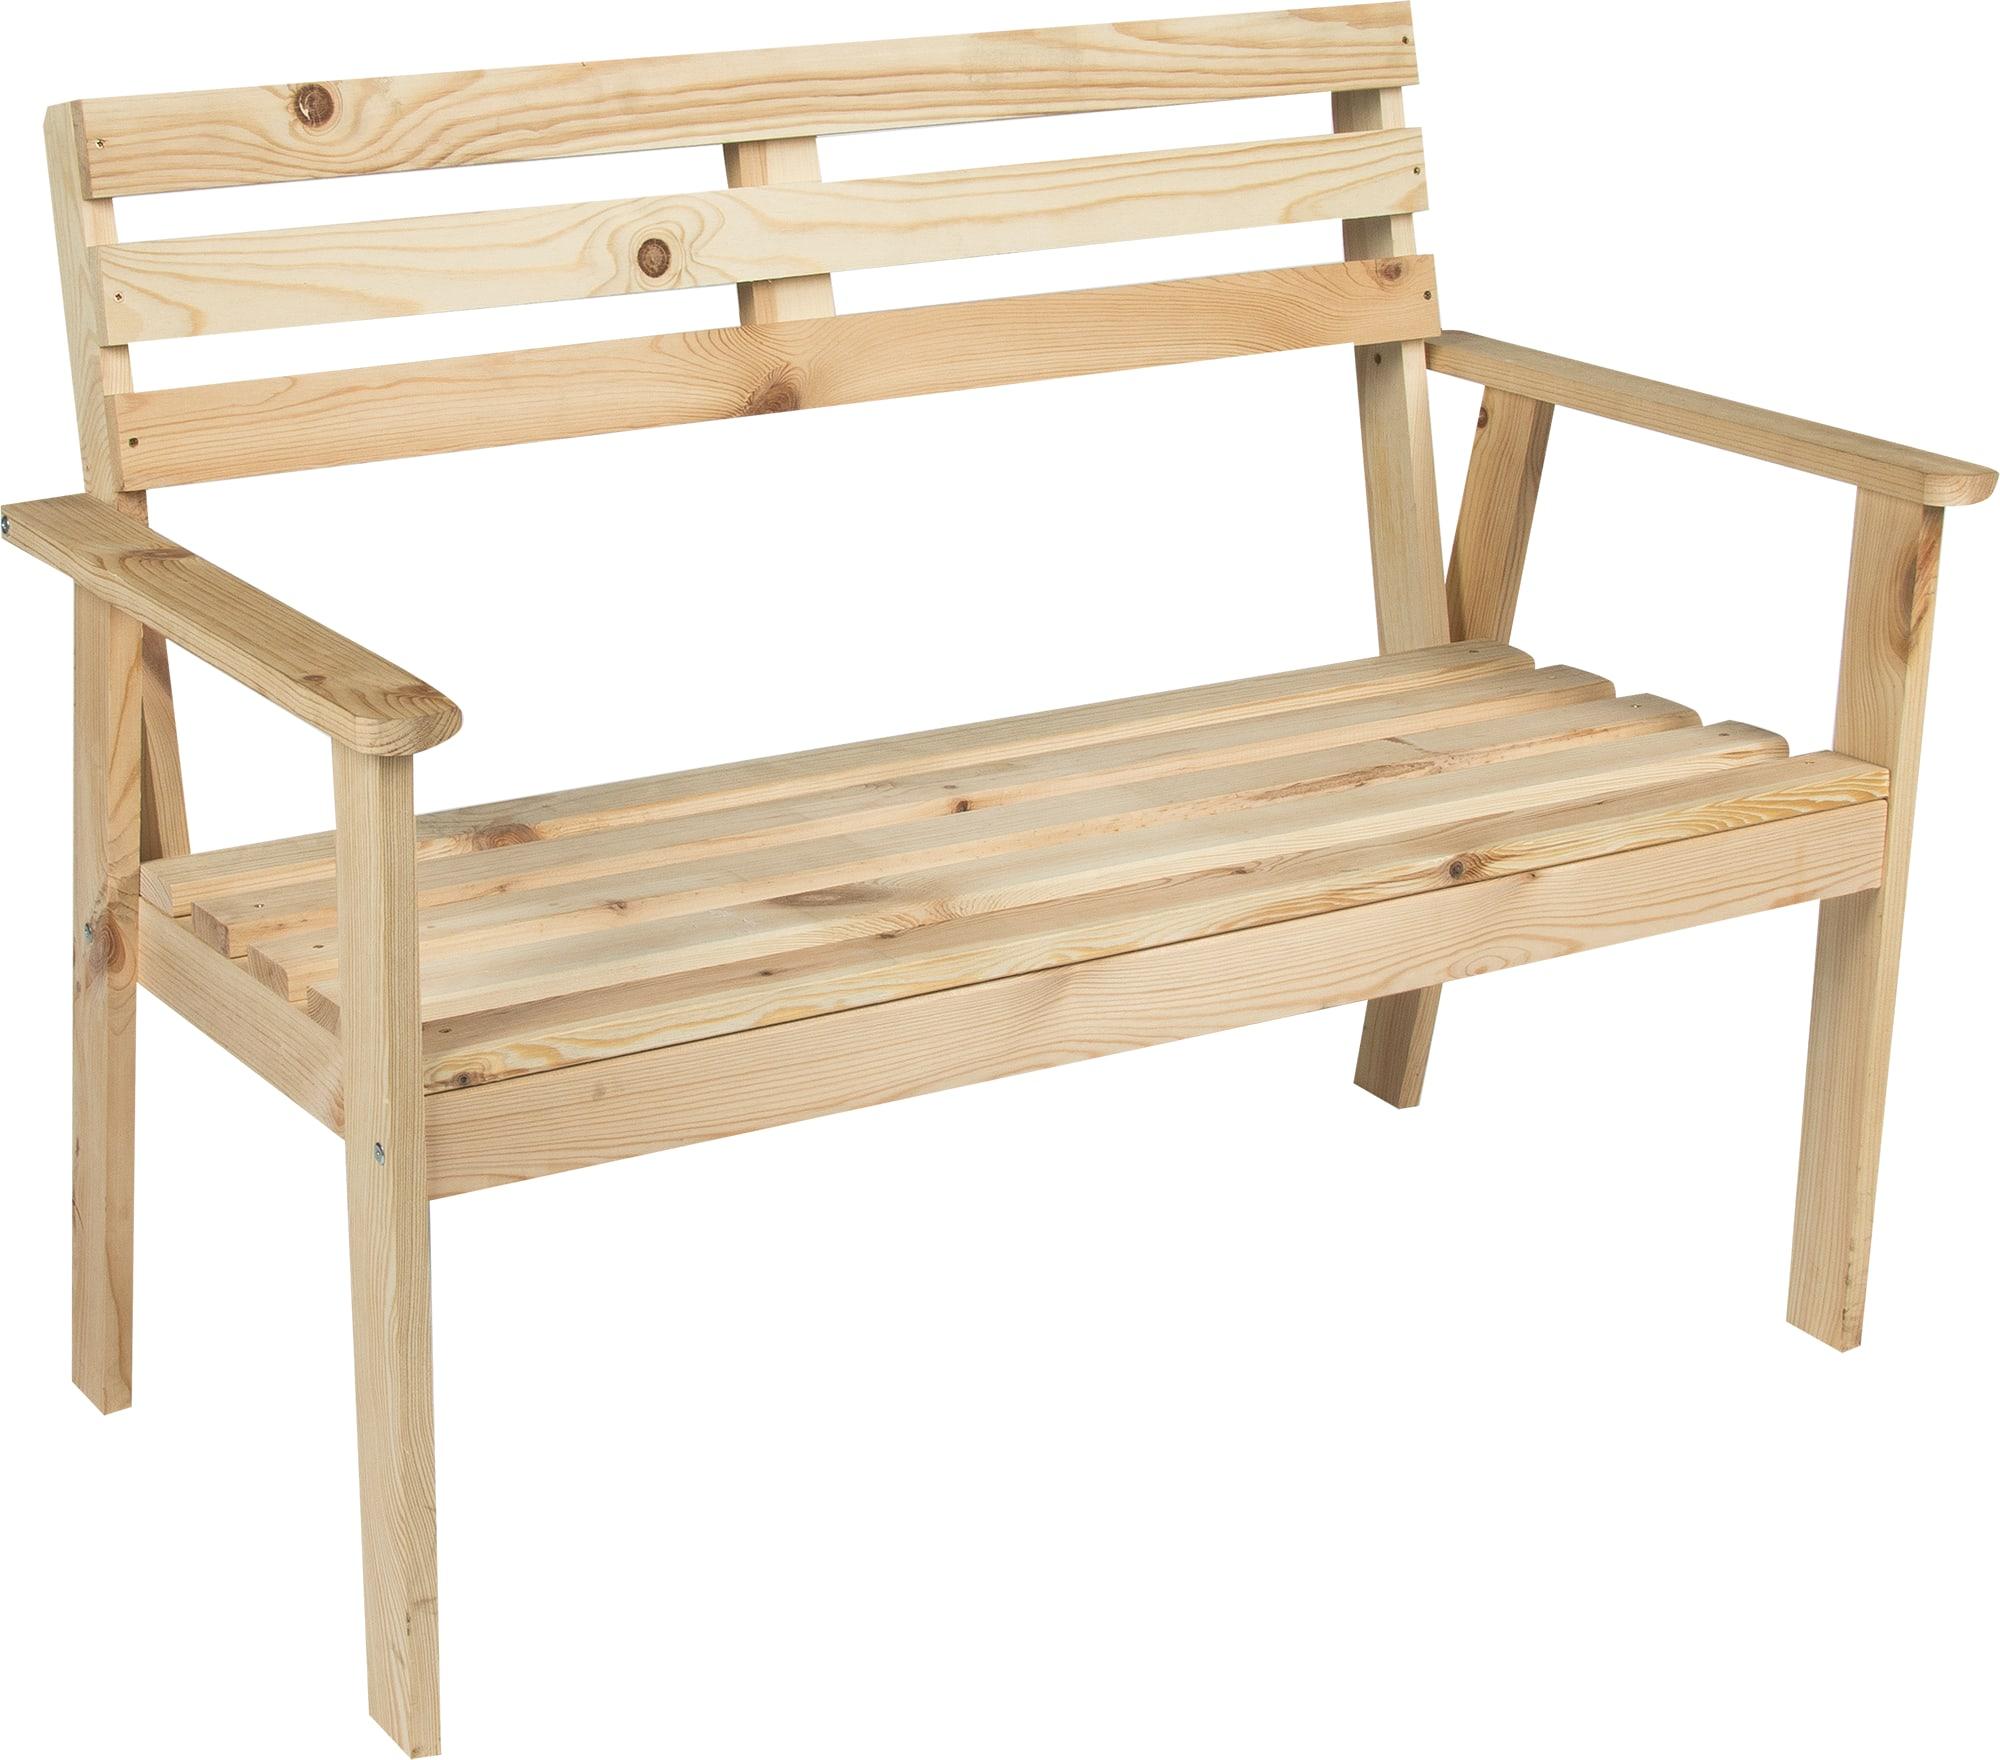 купить садовую скамейку в леруа мерлен